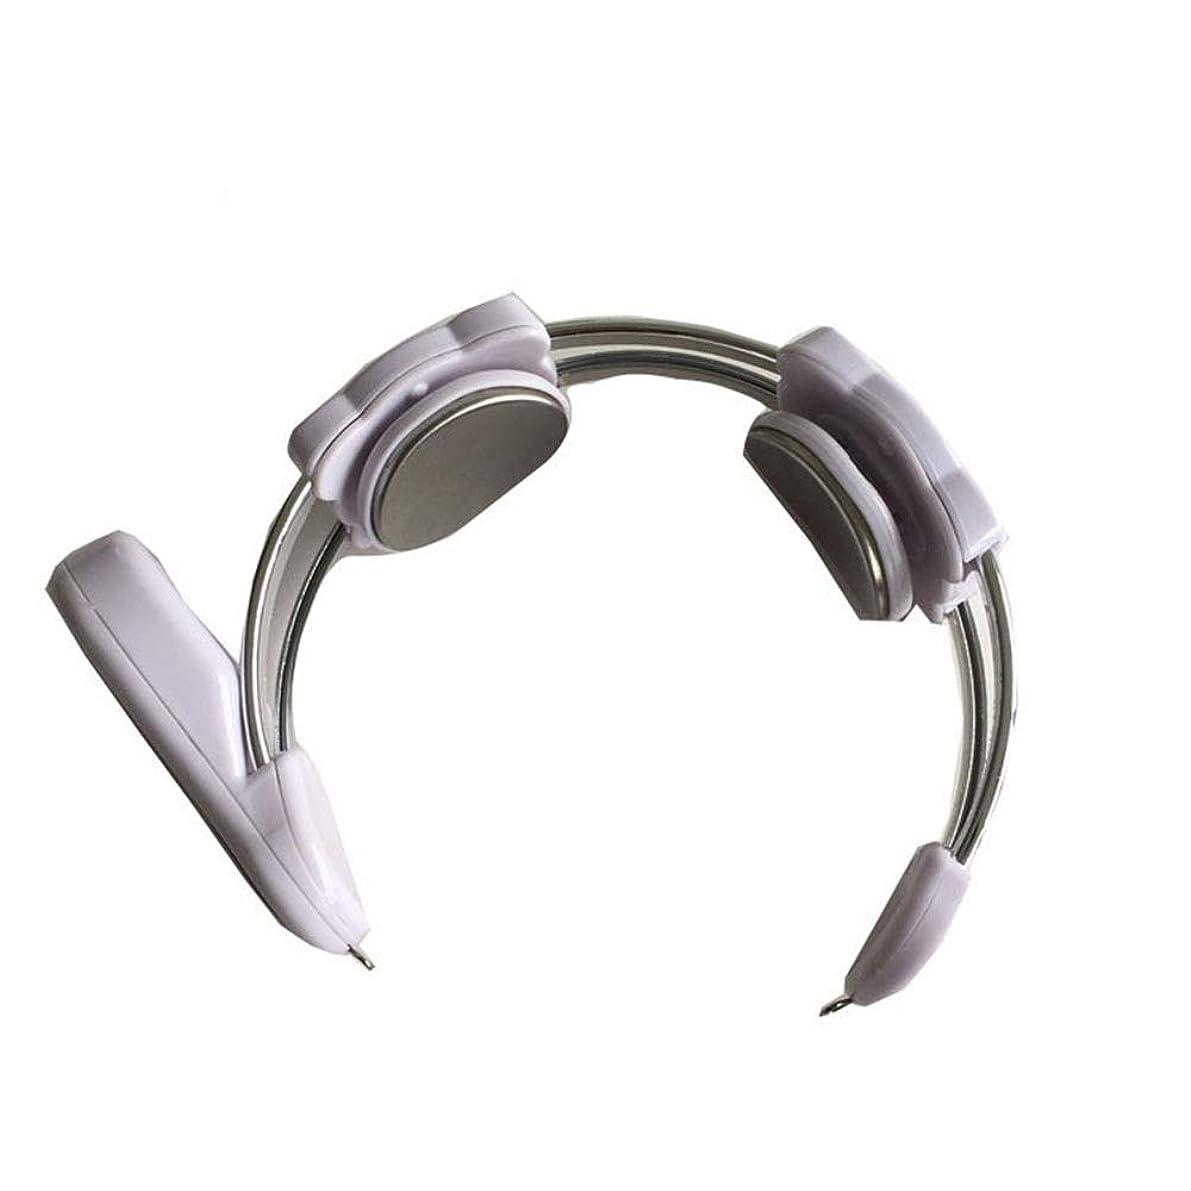 施し切断する戦い快適なディープ混練エレクトリックネックマッサージ - マッサージ機W/充電式 - ネックのための調節可能な振動と熱強度設定 -体にリラックスします (色 : 白, サイズ : ワンサイズ)